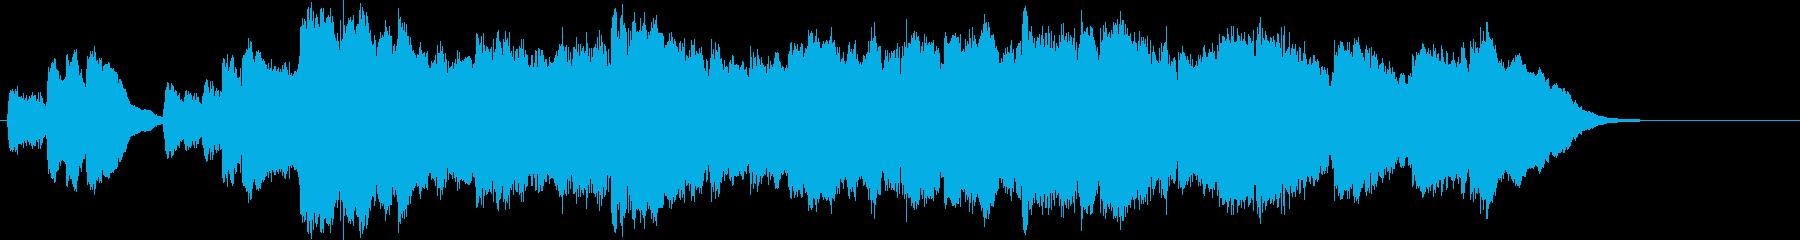 ゆったりと上品なバラードの再生済みの波形